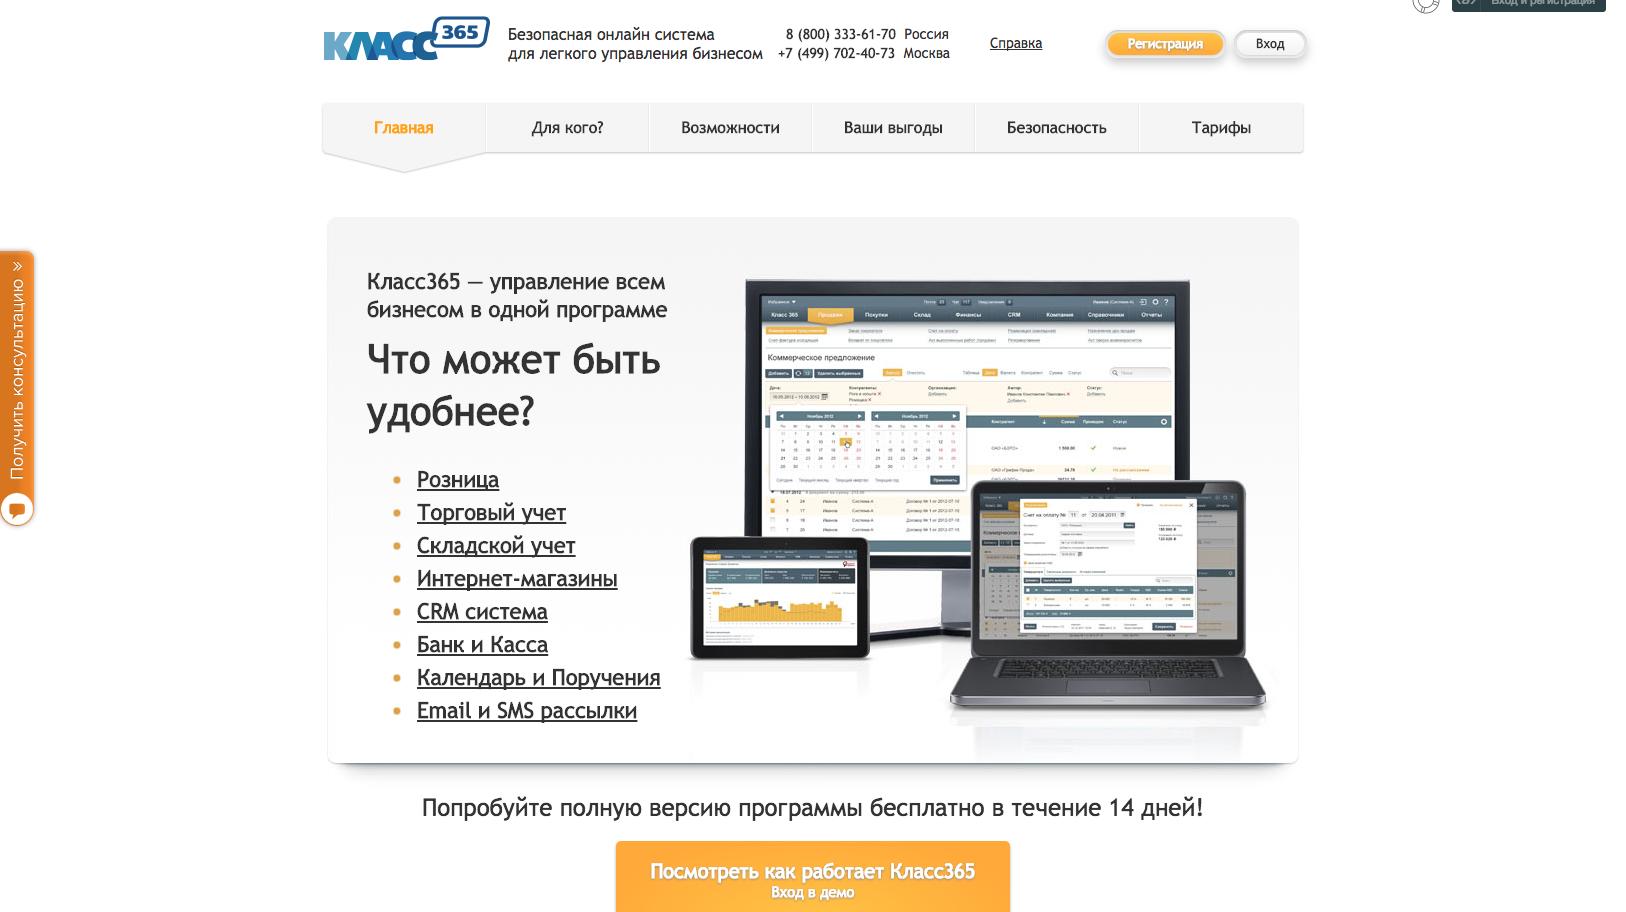 Класс365 от Бизнес.ру